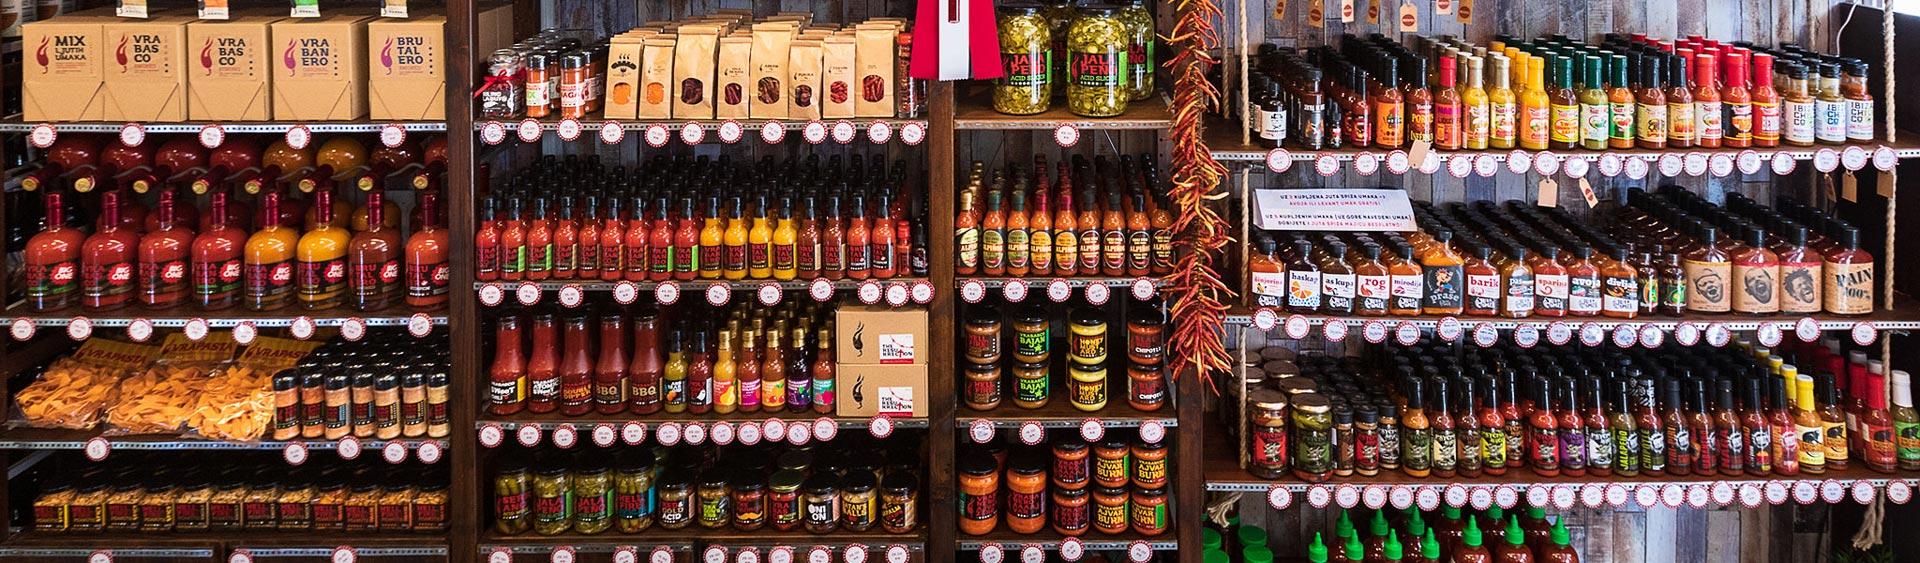 Spicy Days prostor - www.SpicyDays.com